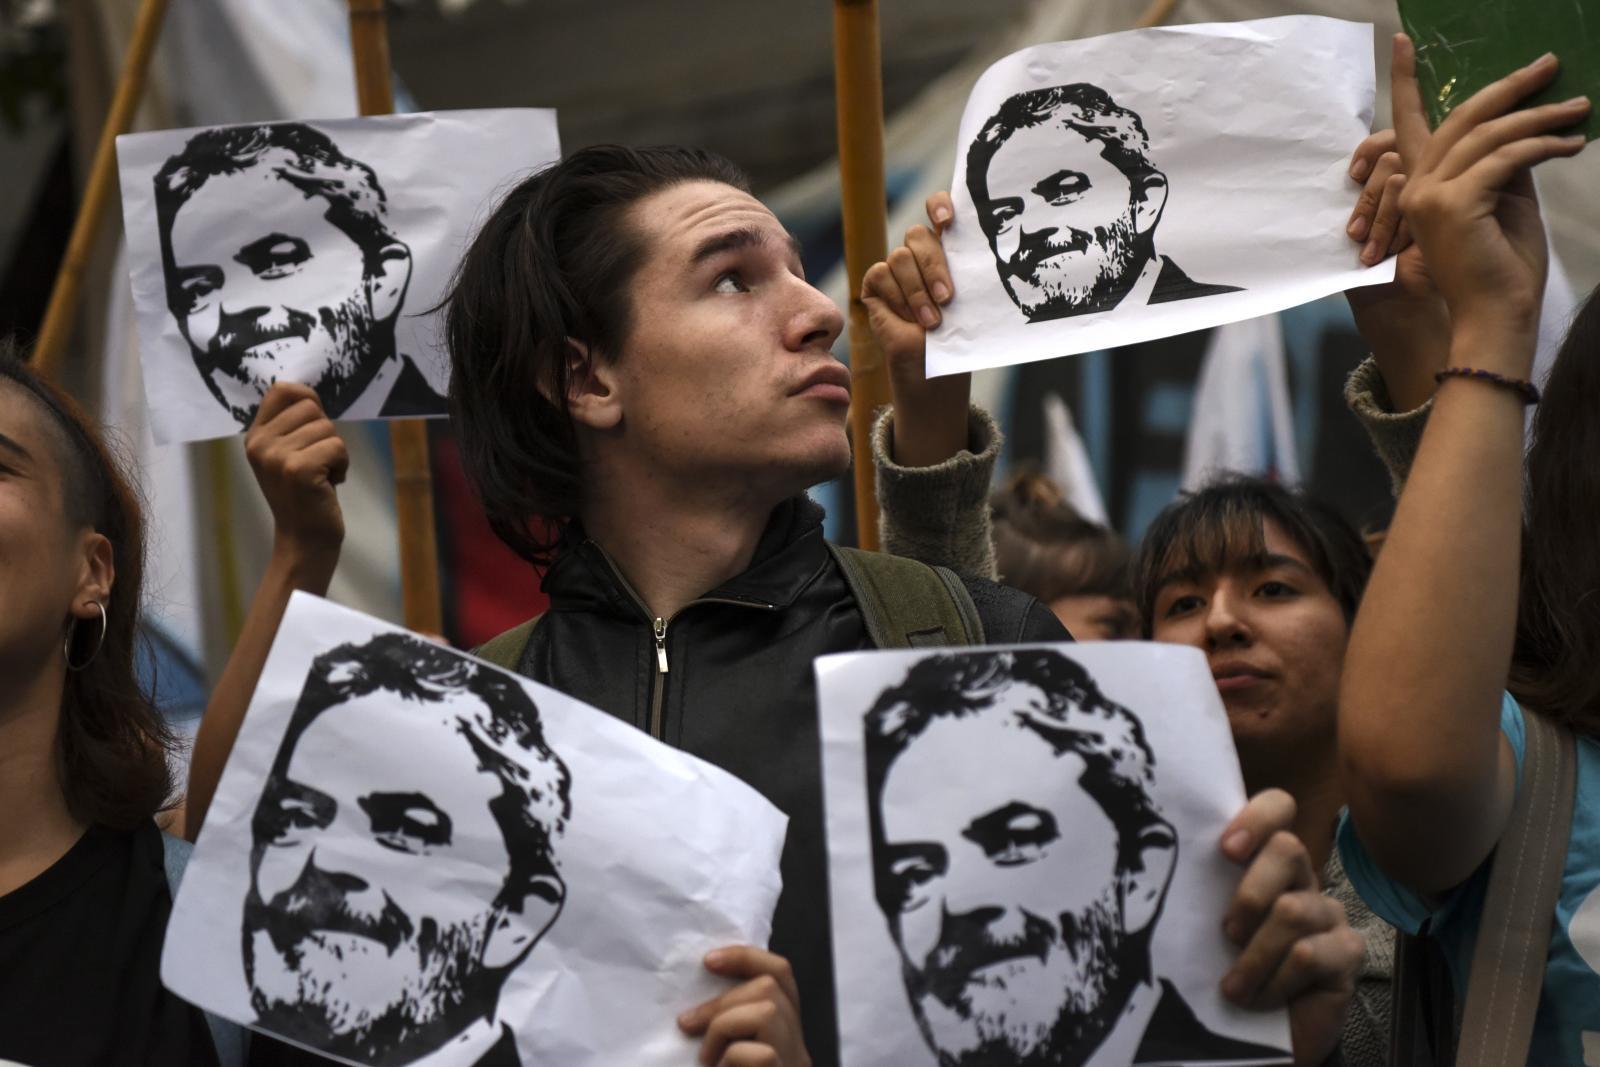 อดีตผู้นำบราซิลหนีหมายจับคดีทุจริต อ้างคำตัดสินไม่เป็นกลาง